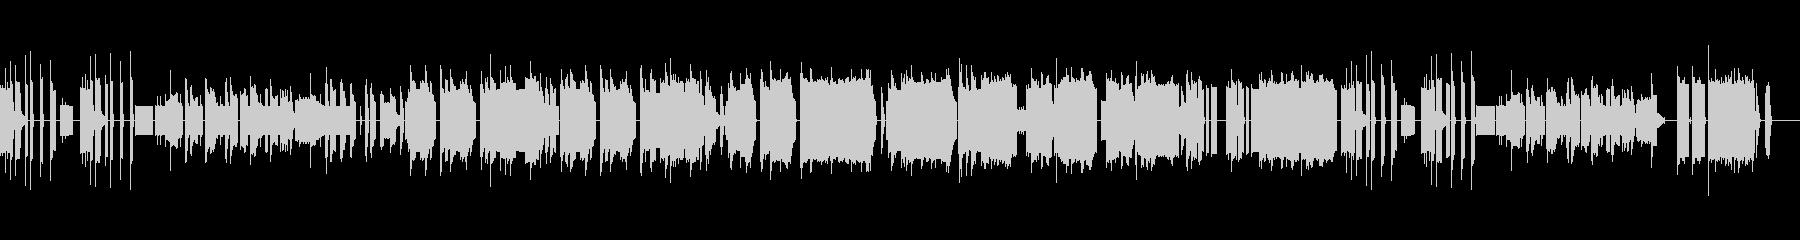 チップチューン演歌(リズム改変版)の未再生の波形